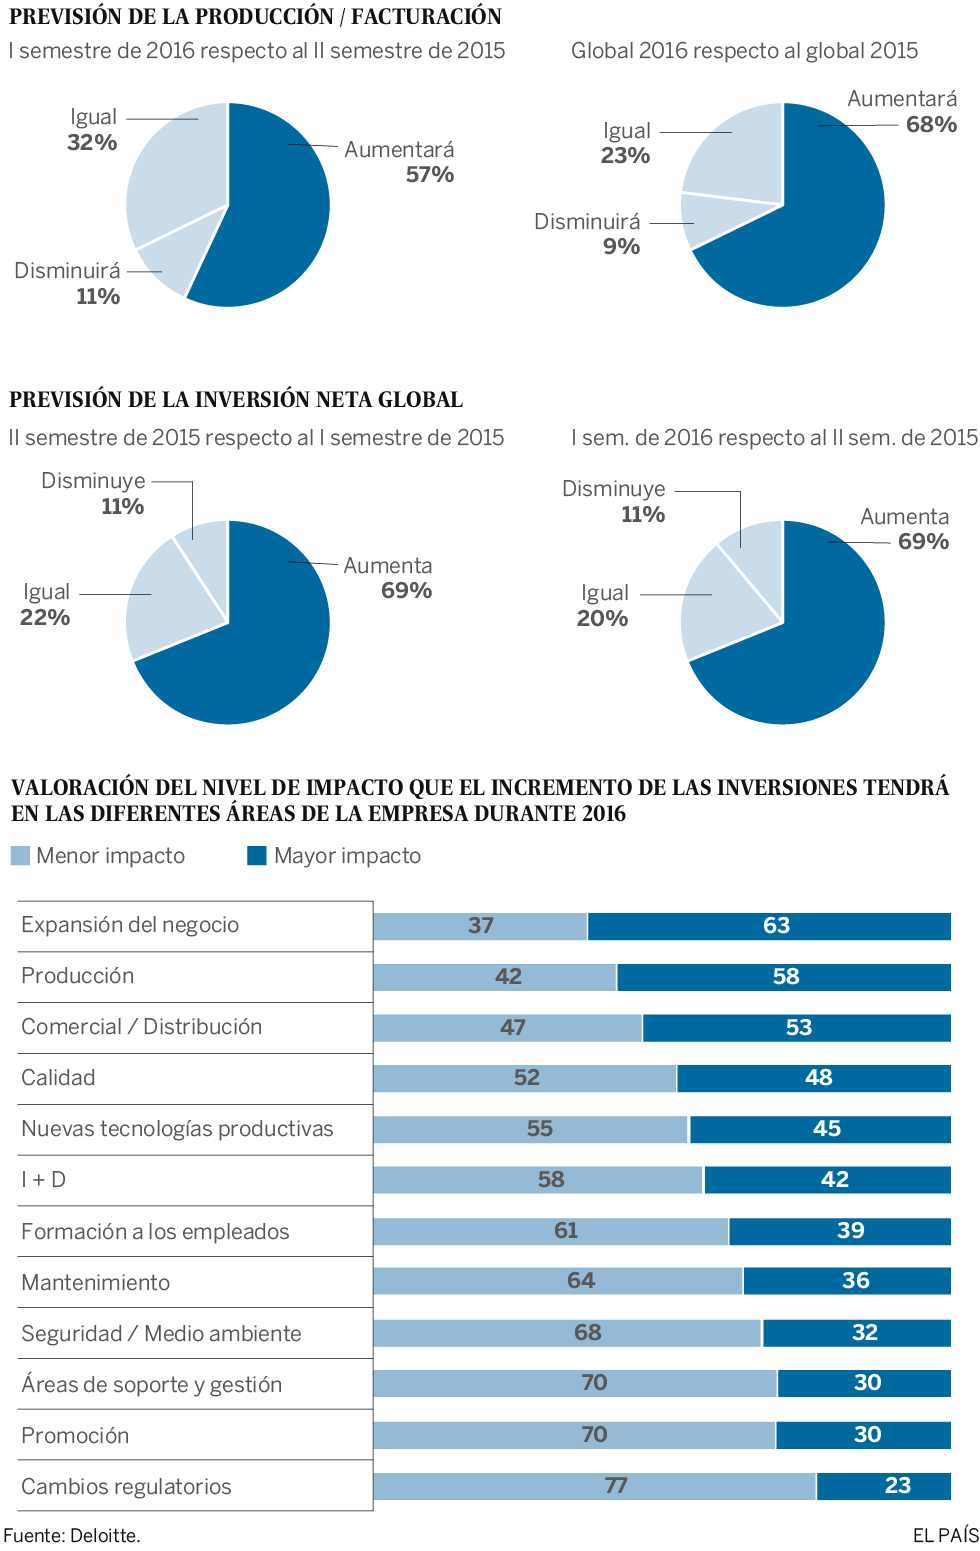 Las empresas contienen el aliento ante la incertidumbre